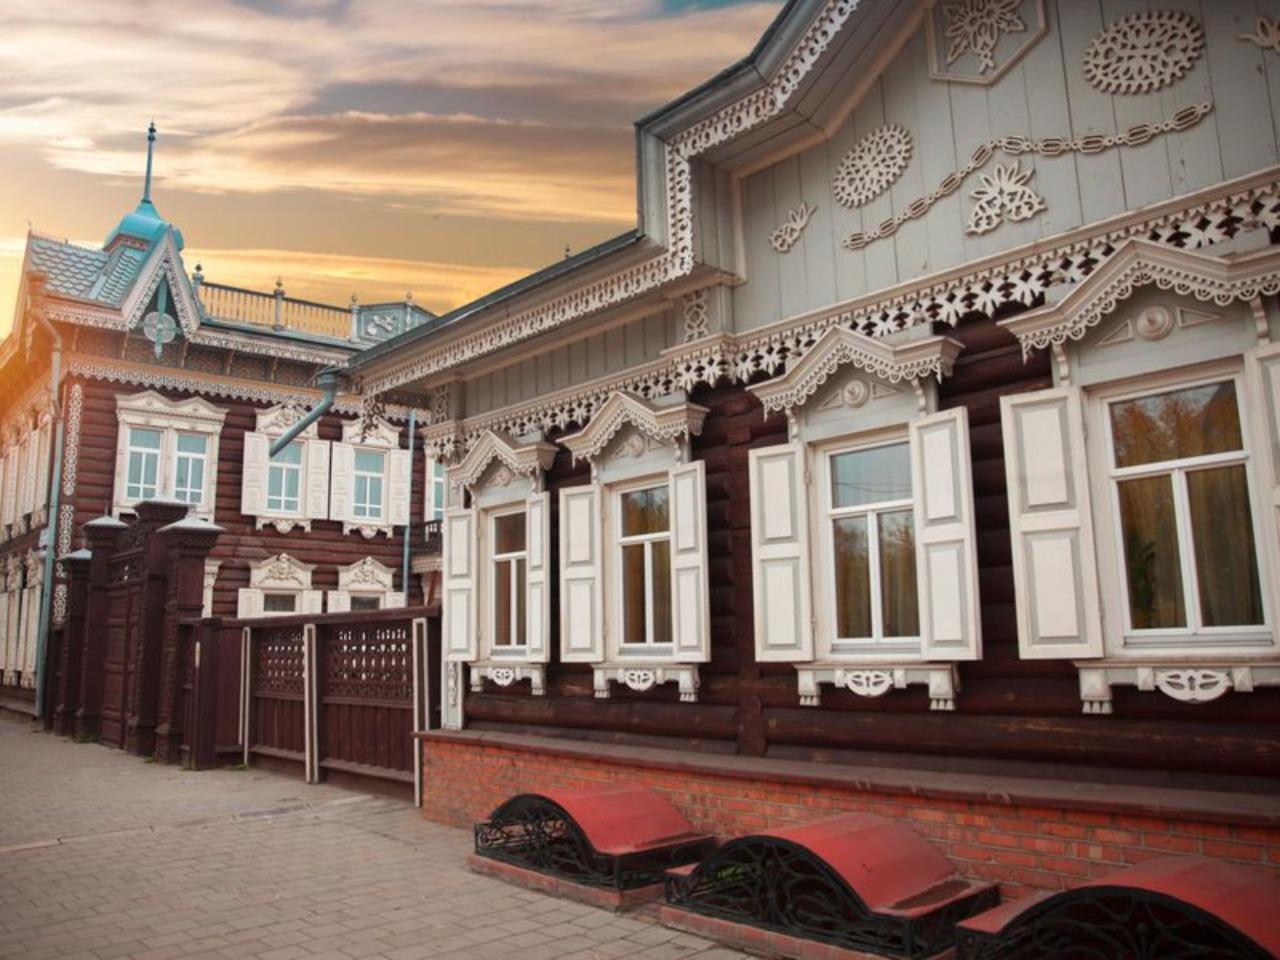 Иркутск — сердце Восточной Сибири - групповая экскурсия по Иркутску от опытного гида